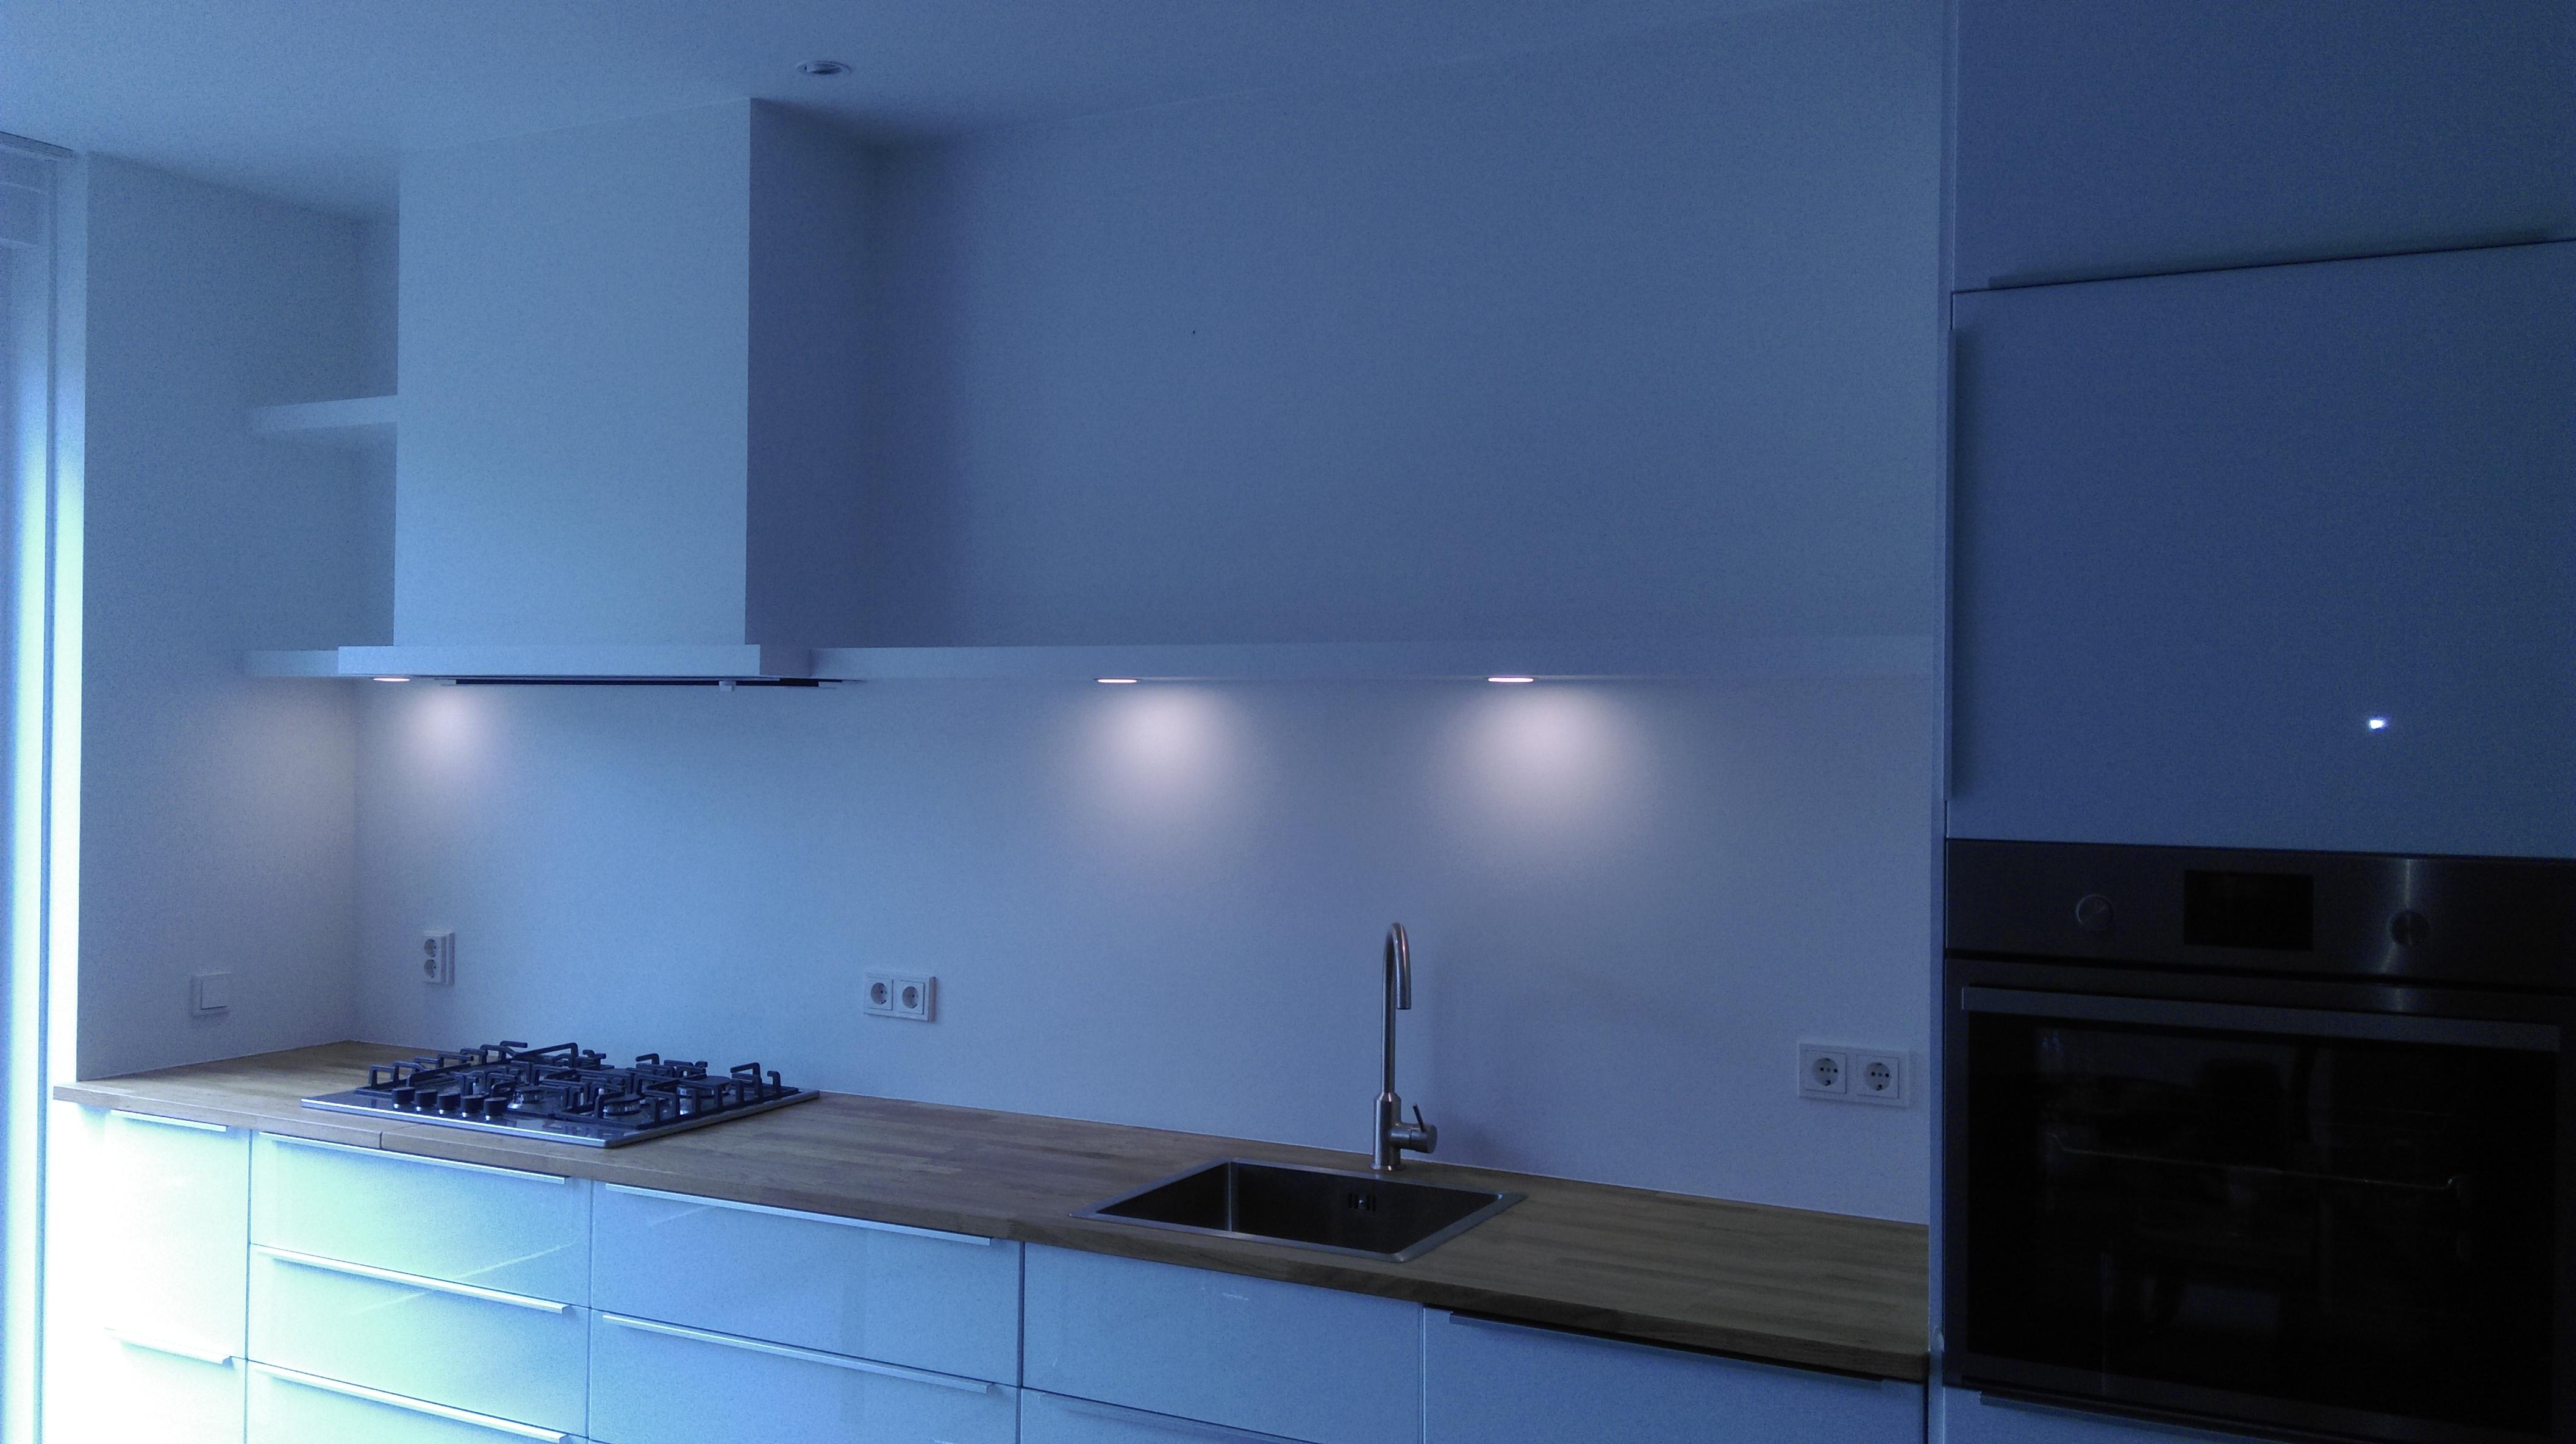 Inbouw afzuigkap met planken en LED verlichting